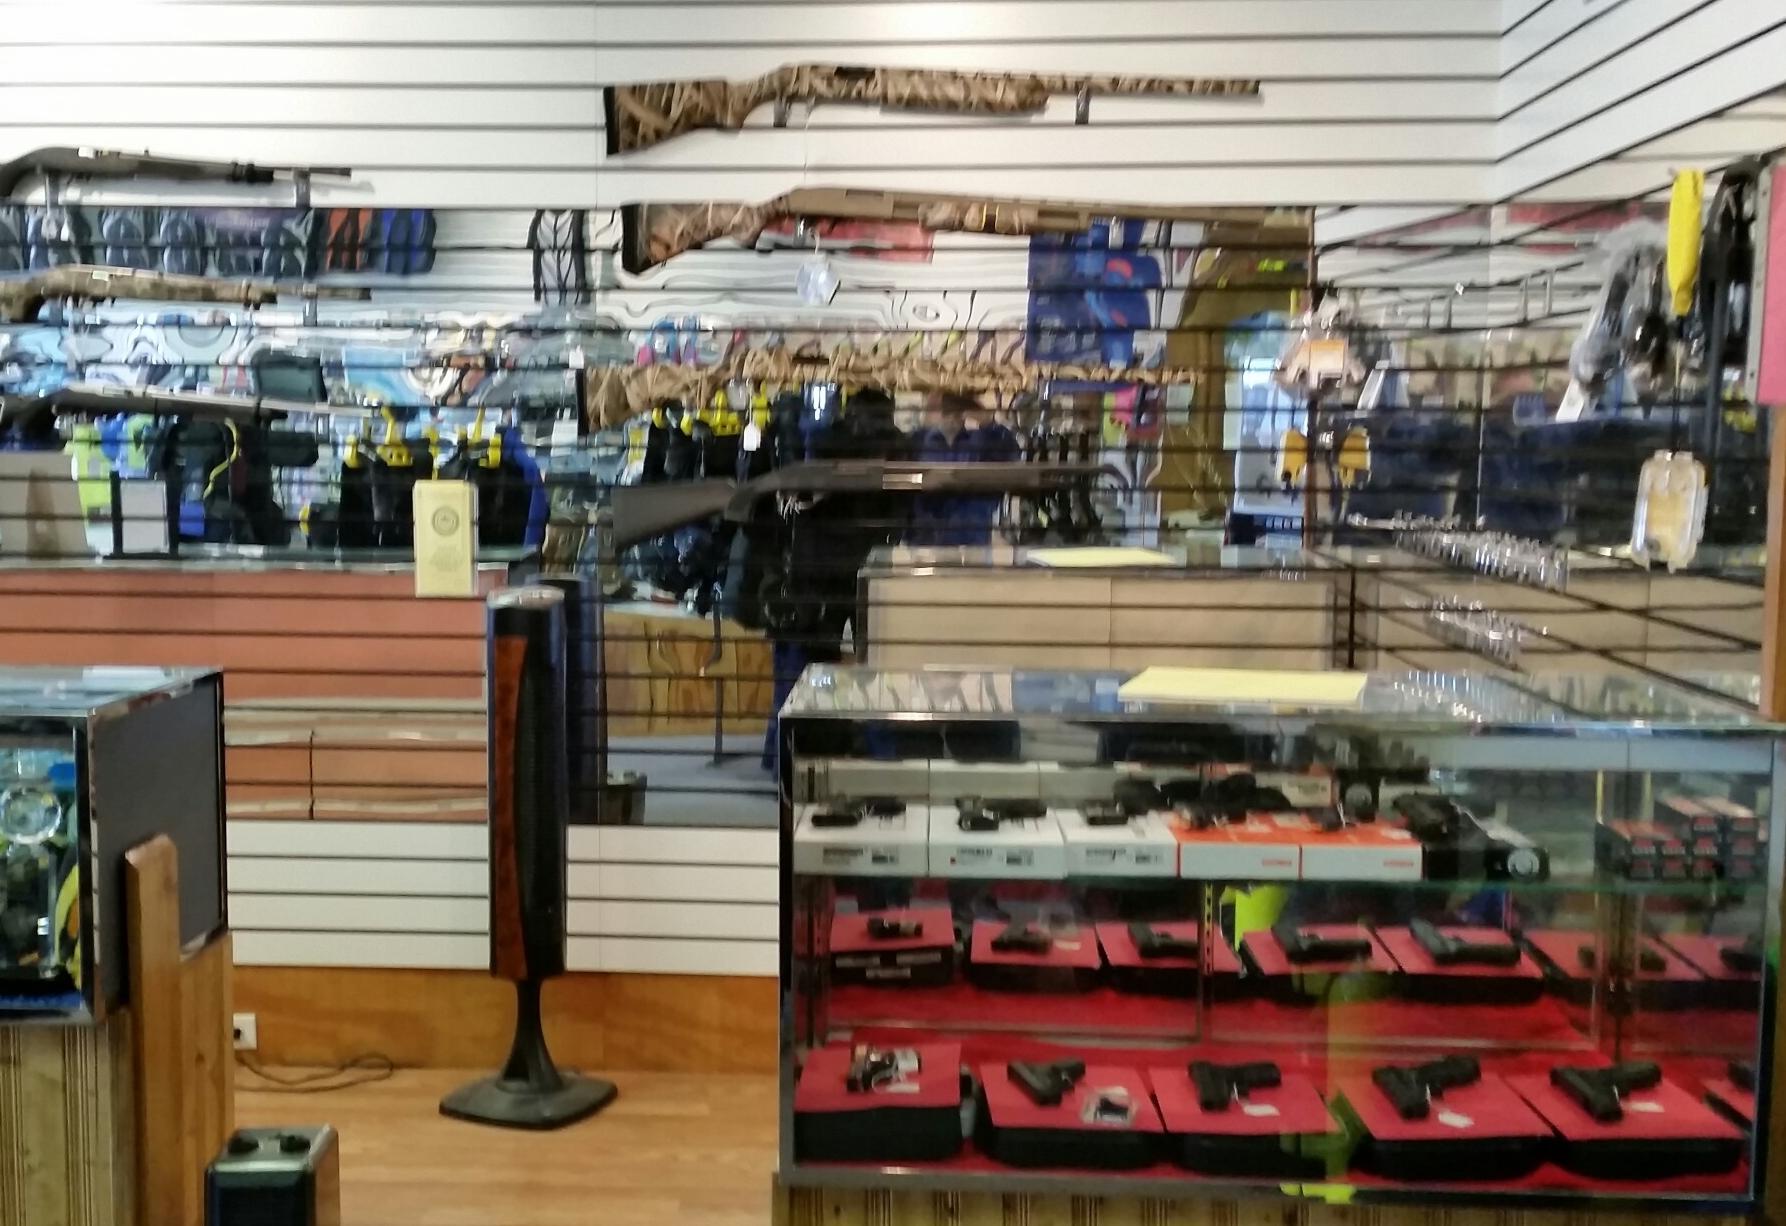 Firearms, Glock, pistols